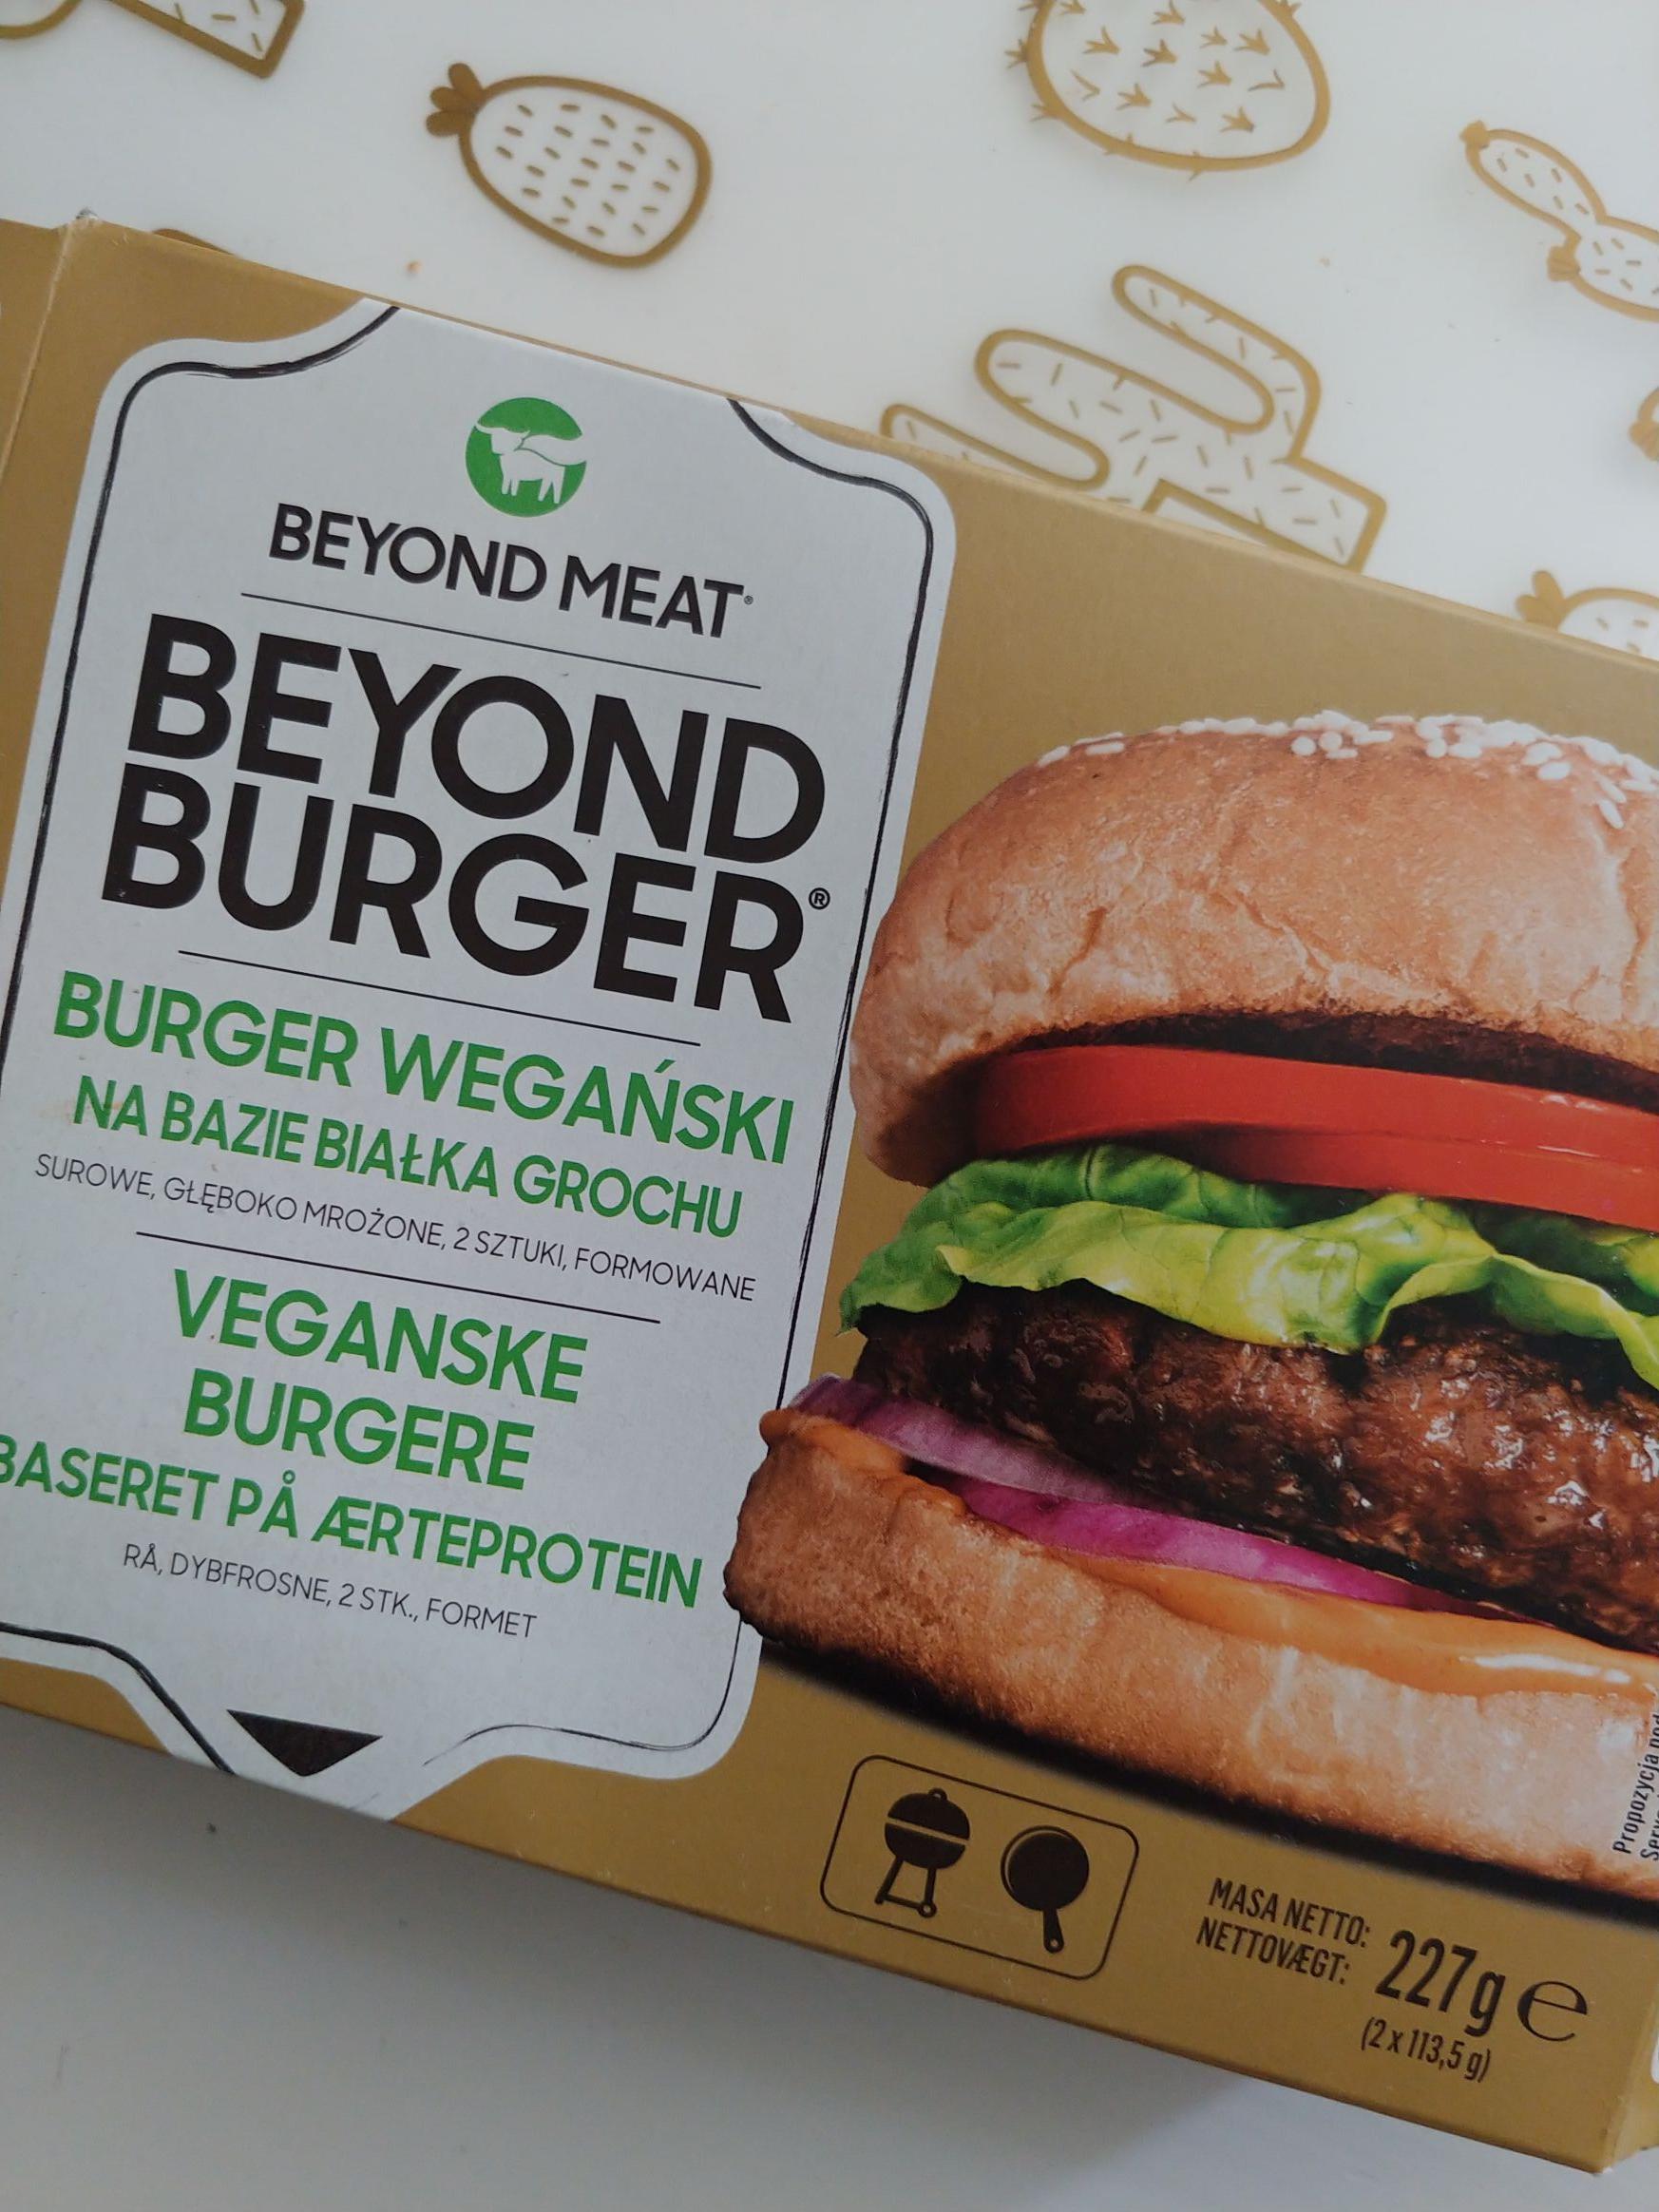 Beyond Meat Burger wegański Lidl Bydgoszcz